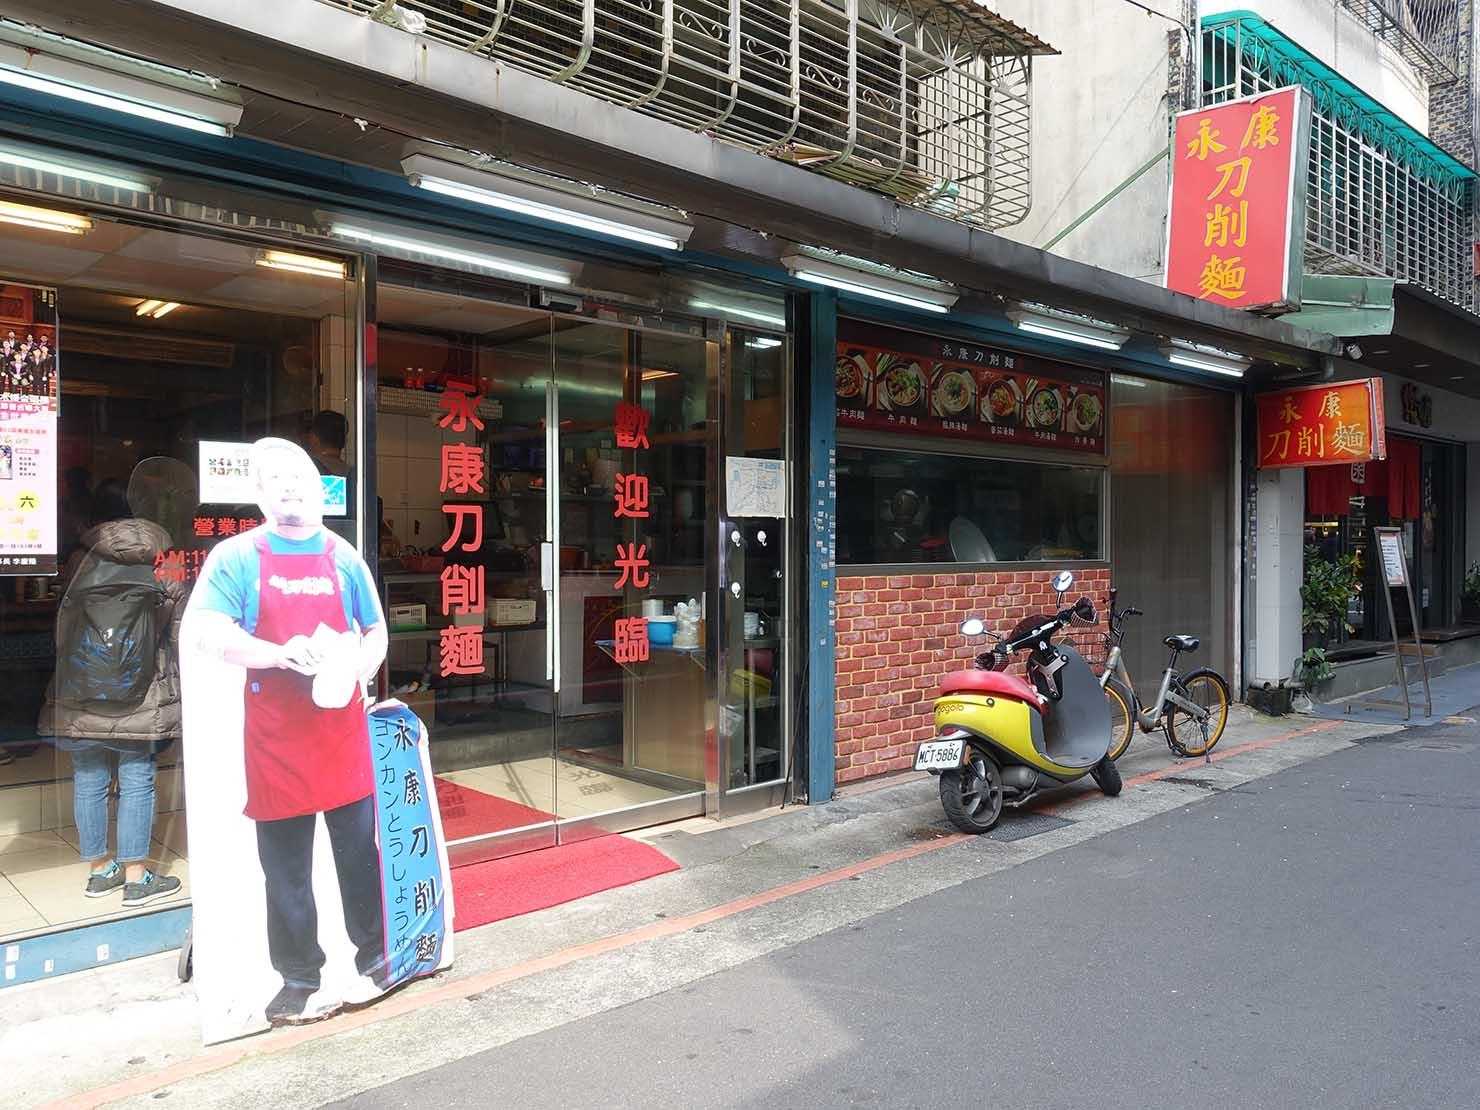 台北・永康街のおすすめグルメ店「永康刀削麵」の外観